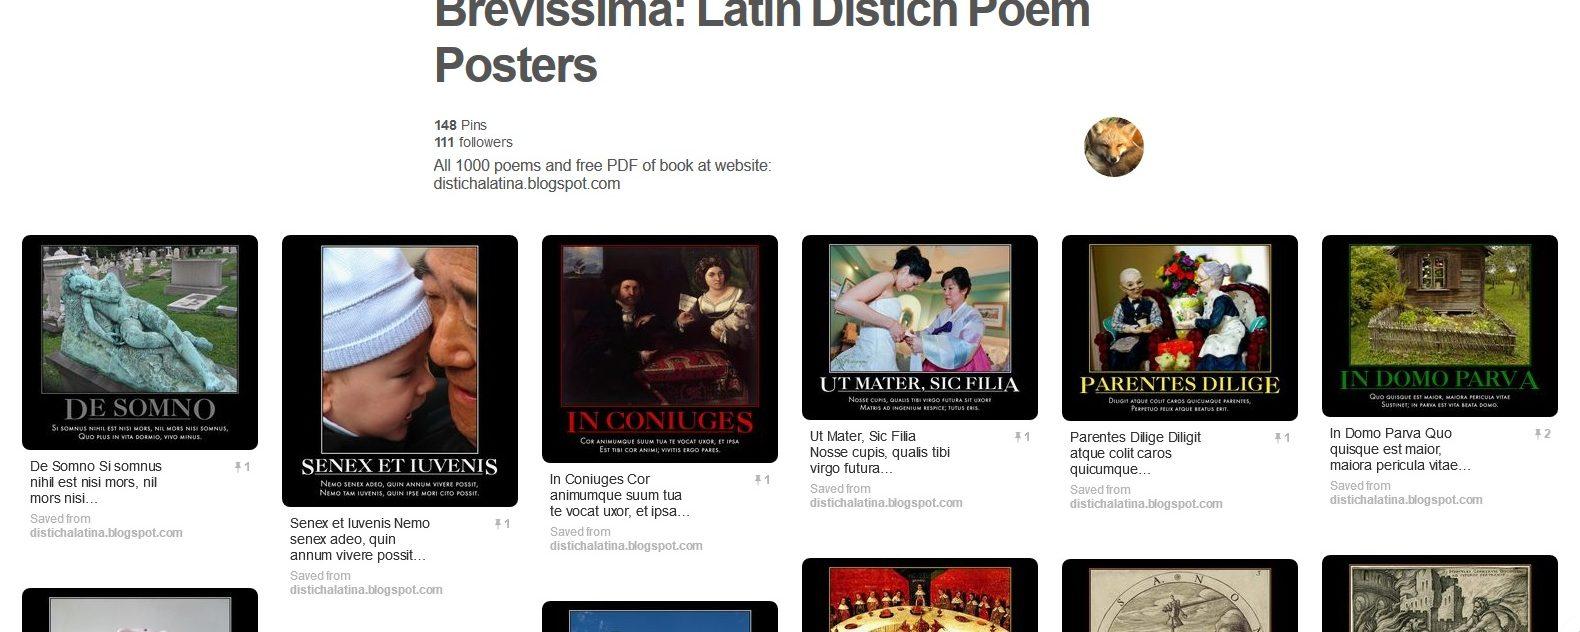 Brevissima, 1001 Tiny Latin Poems